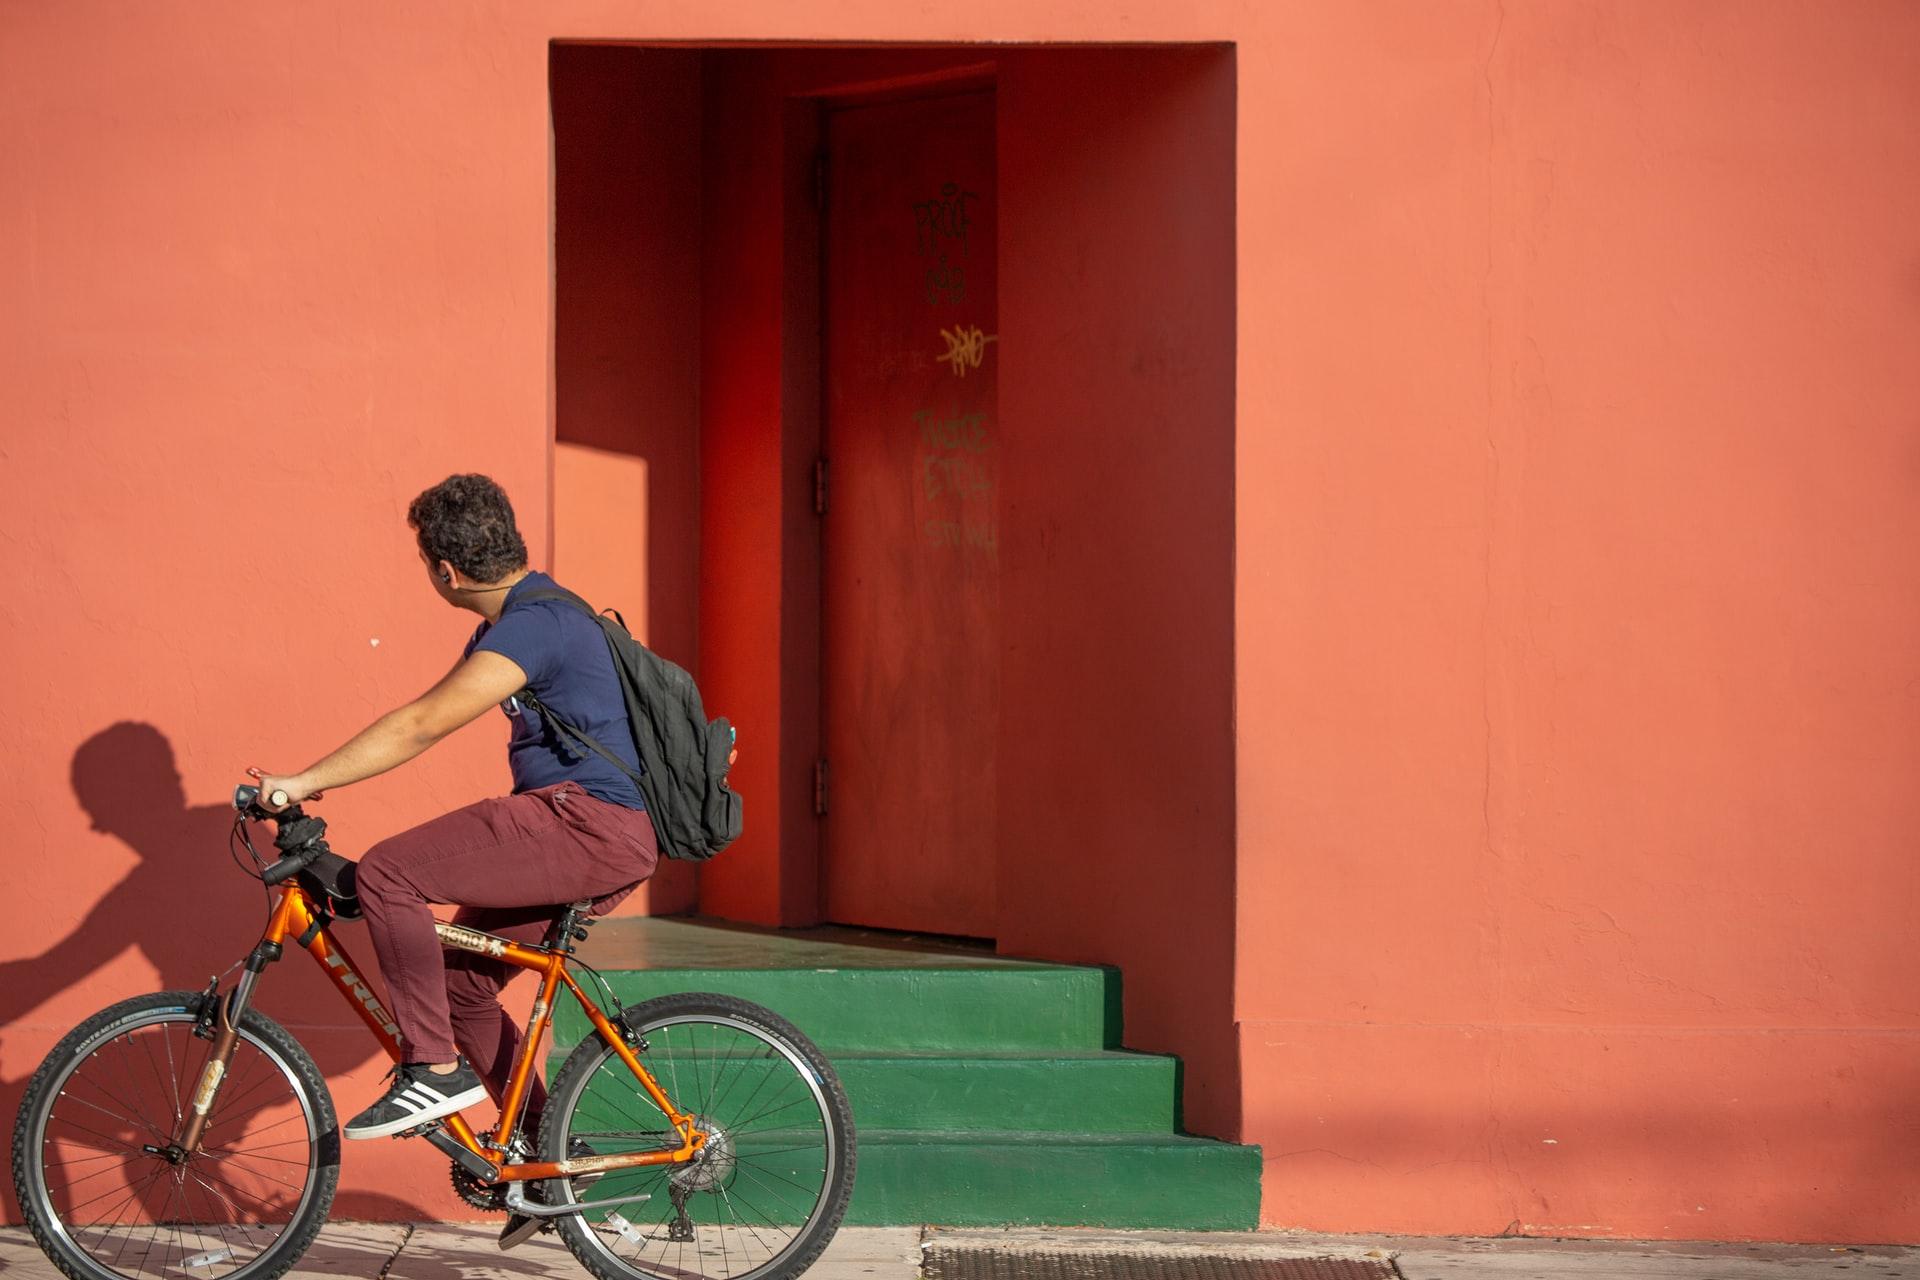 Mann auf ein Fahrrad fährt an einer orangenen Wand entlang